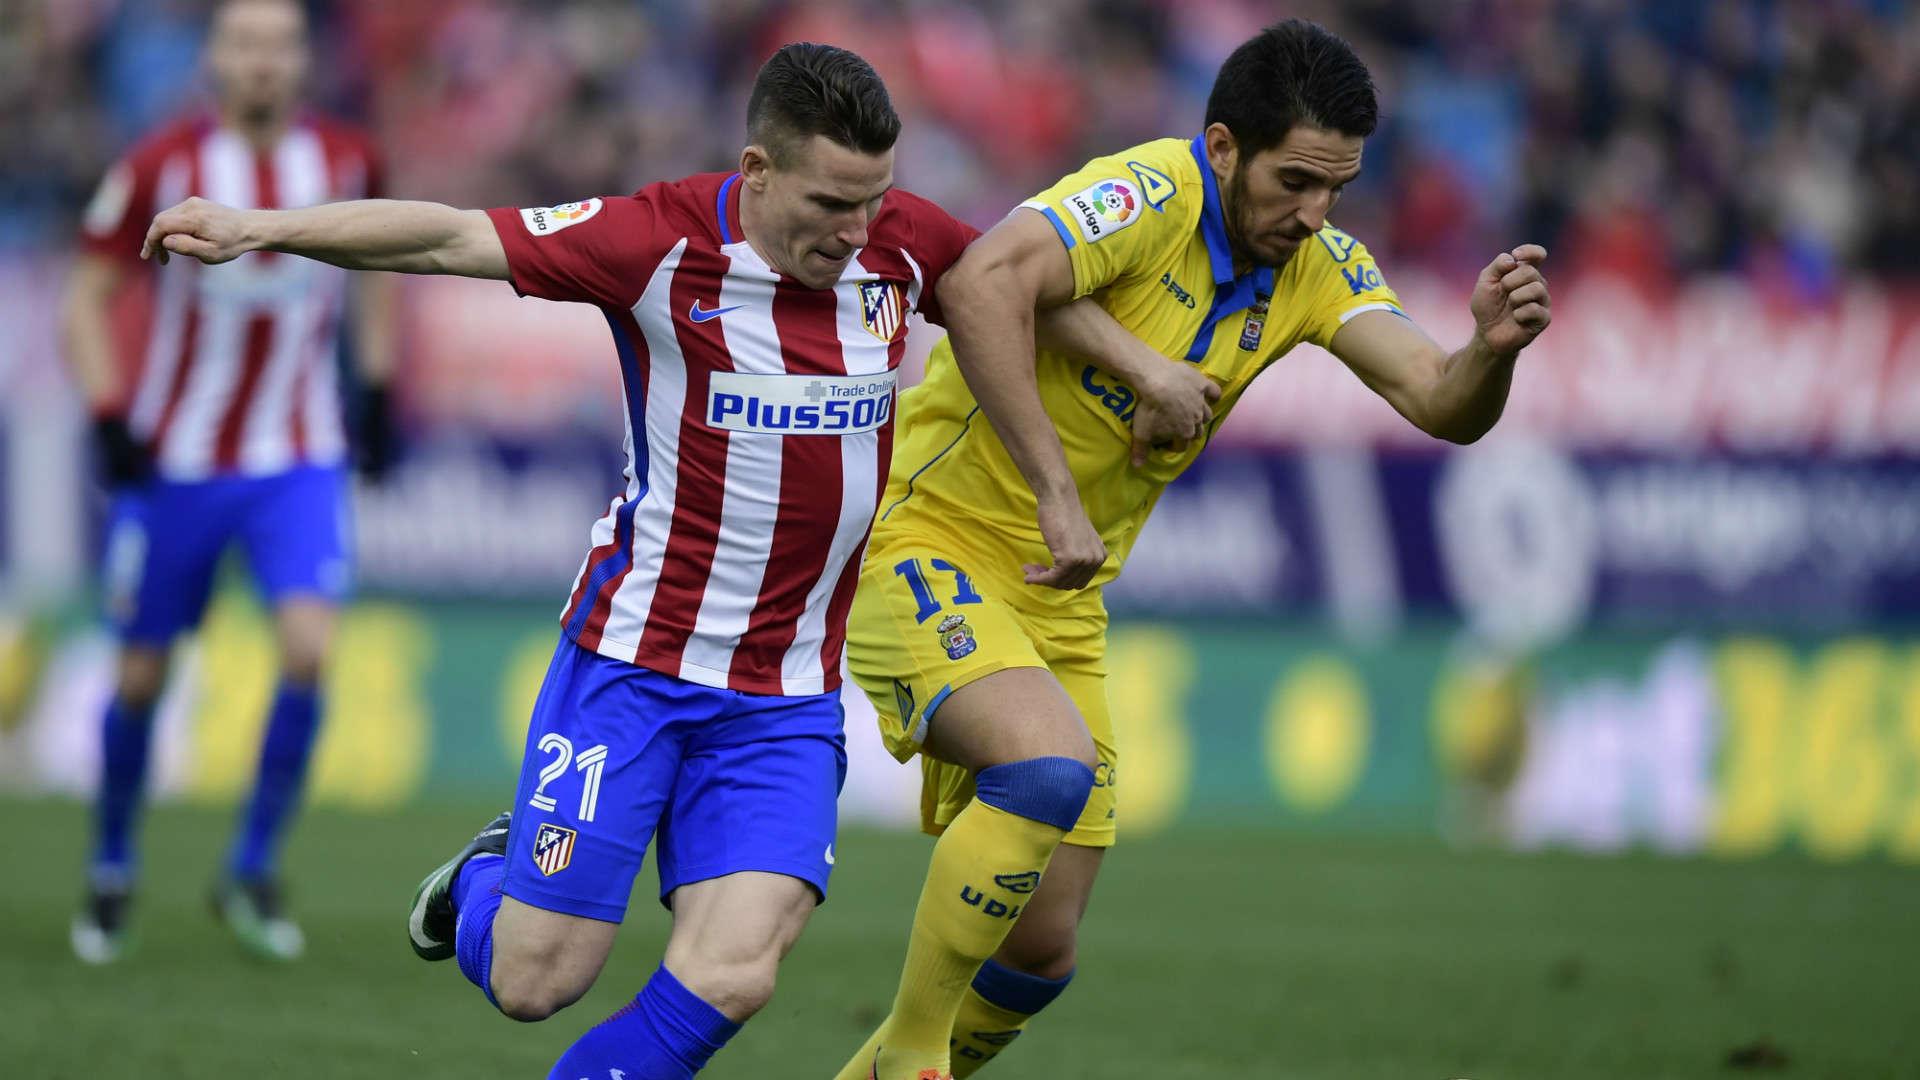 Las Palmas vs Atlético Madrid ngày 27/8/2017 giải VĐQG Tây Ban Nha  La Liga